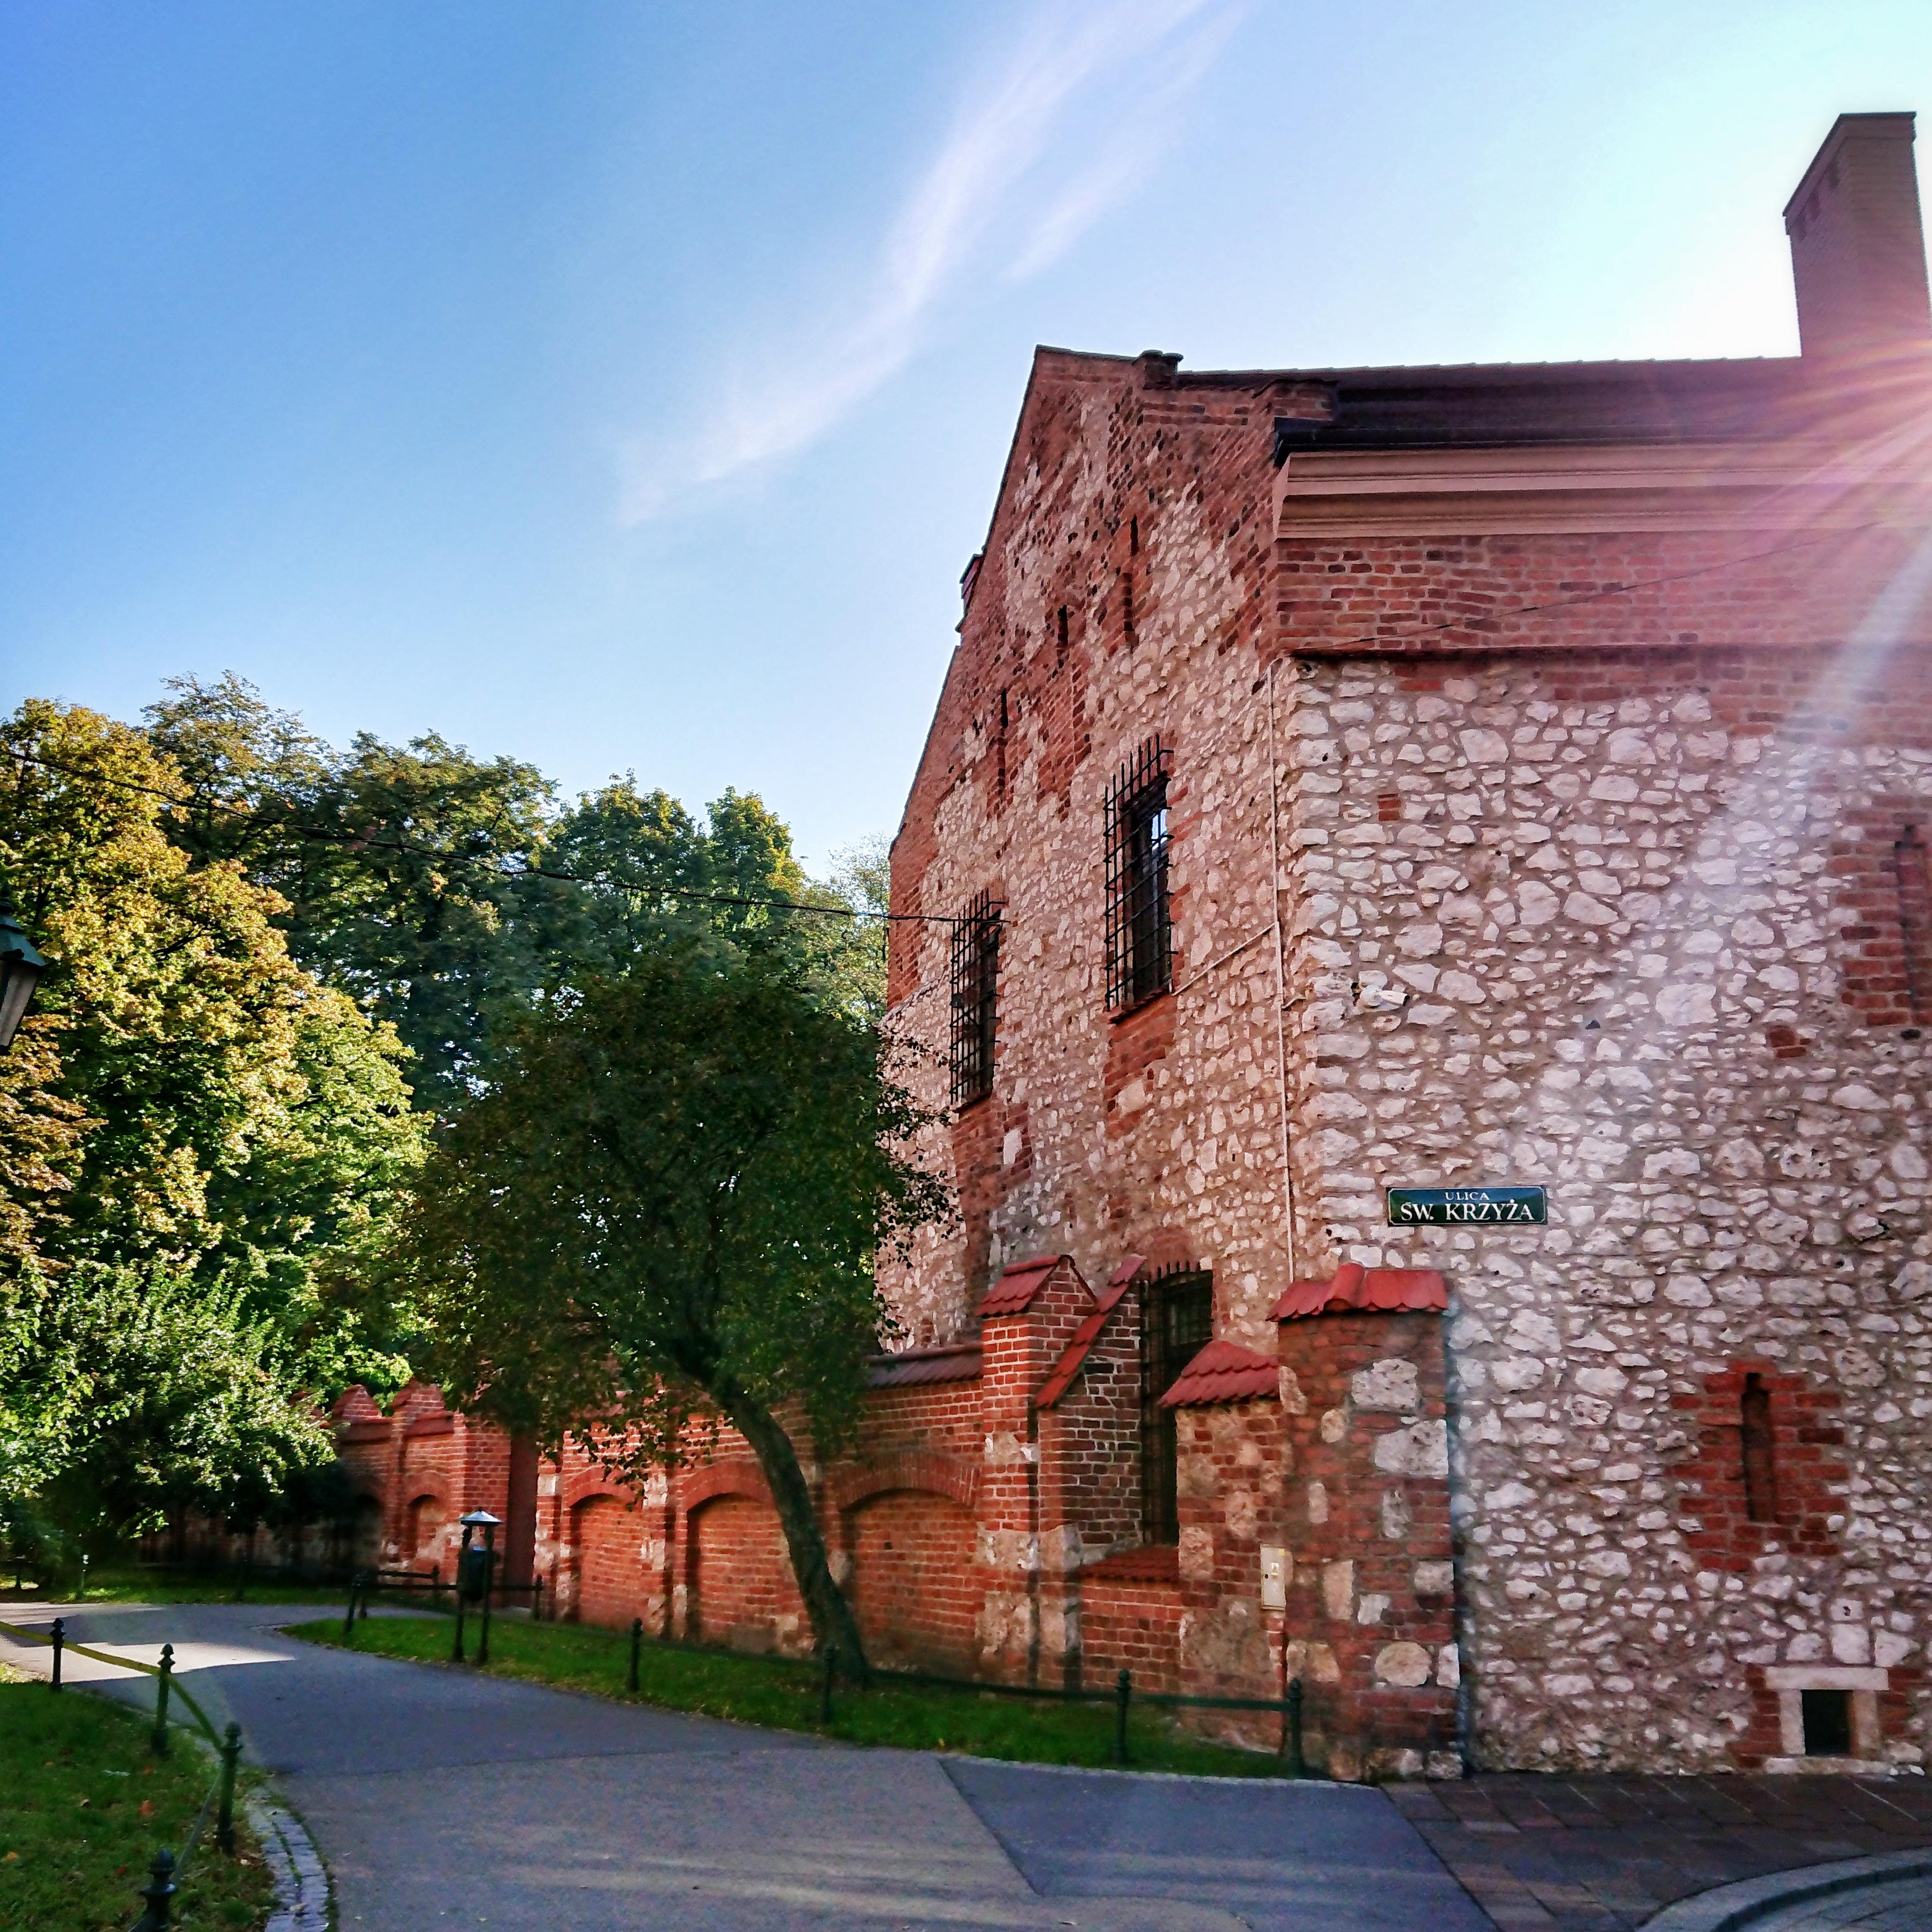 Dom parafialny przy krakowskim kościele Św. Krzyża, źródło: archiwum autorki